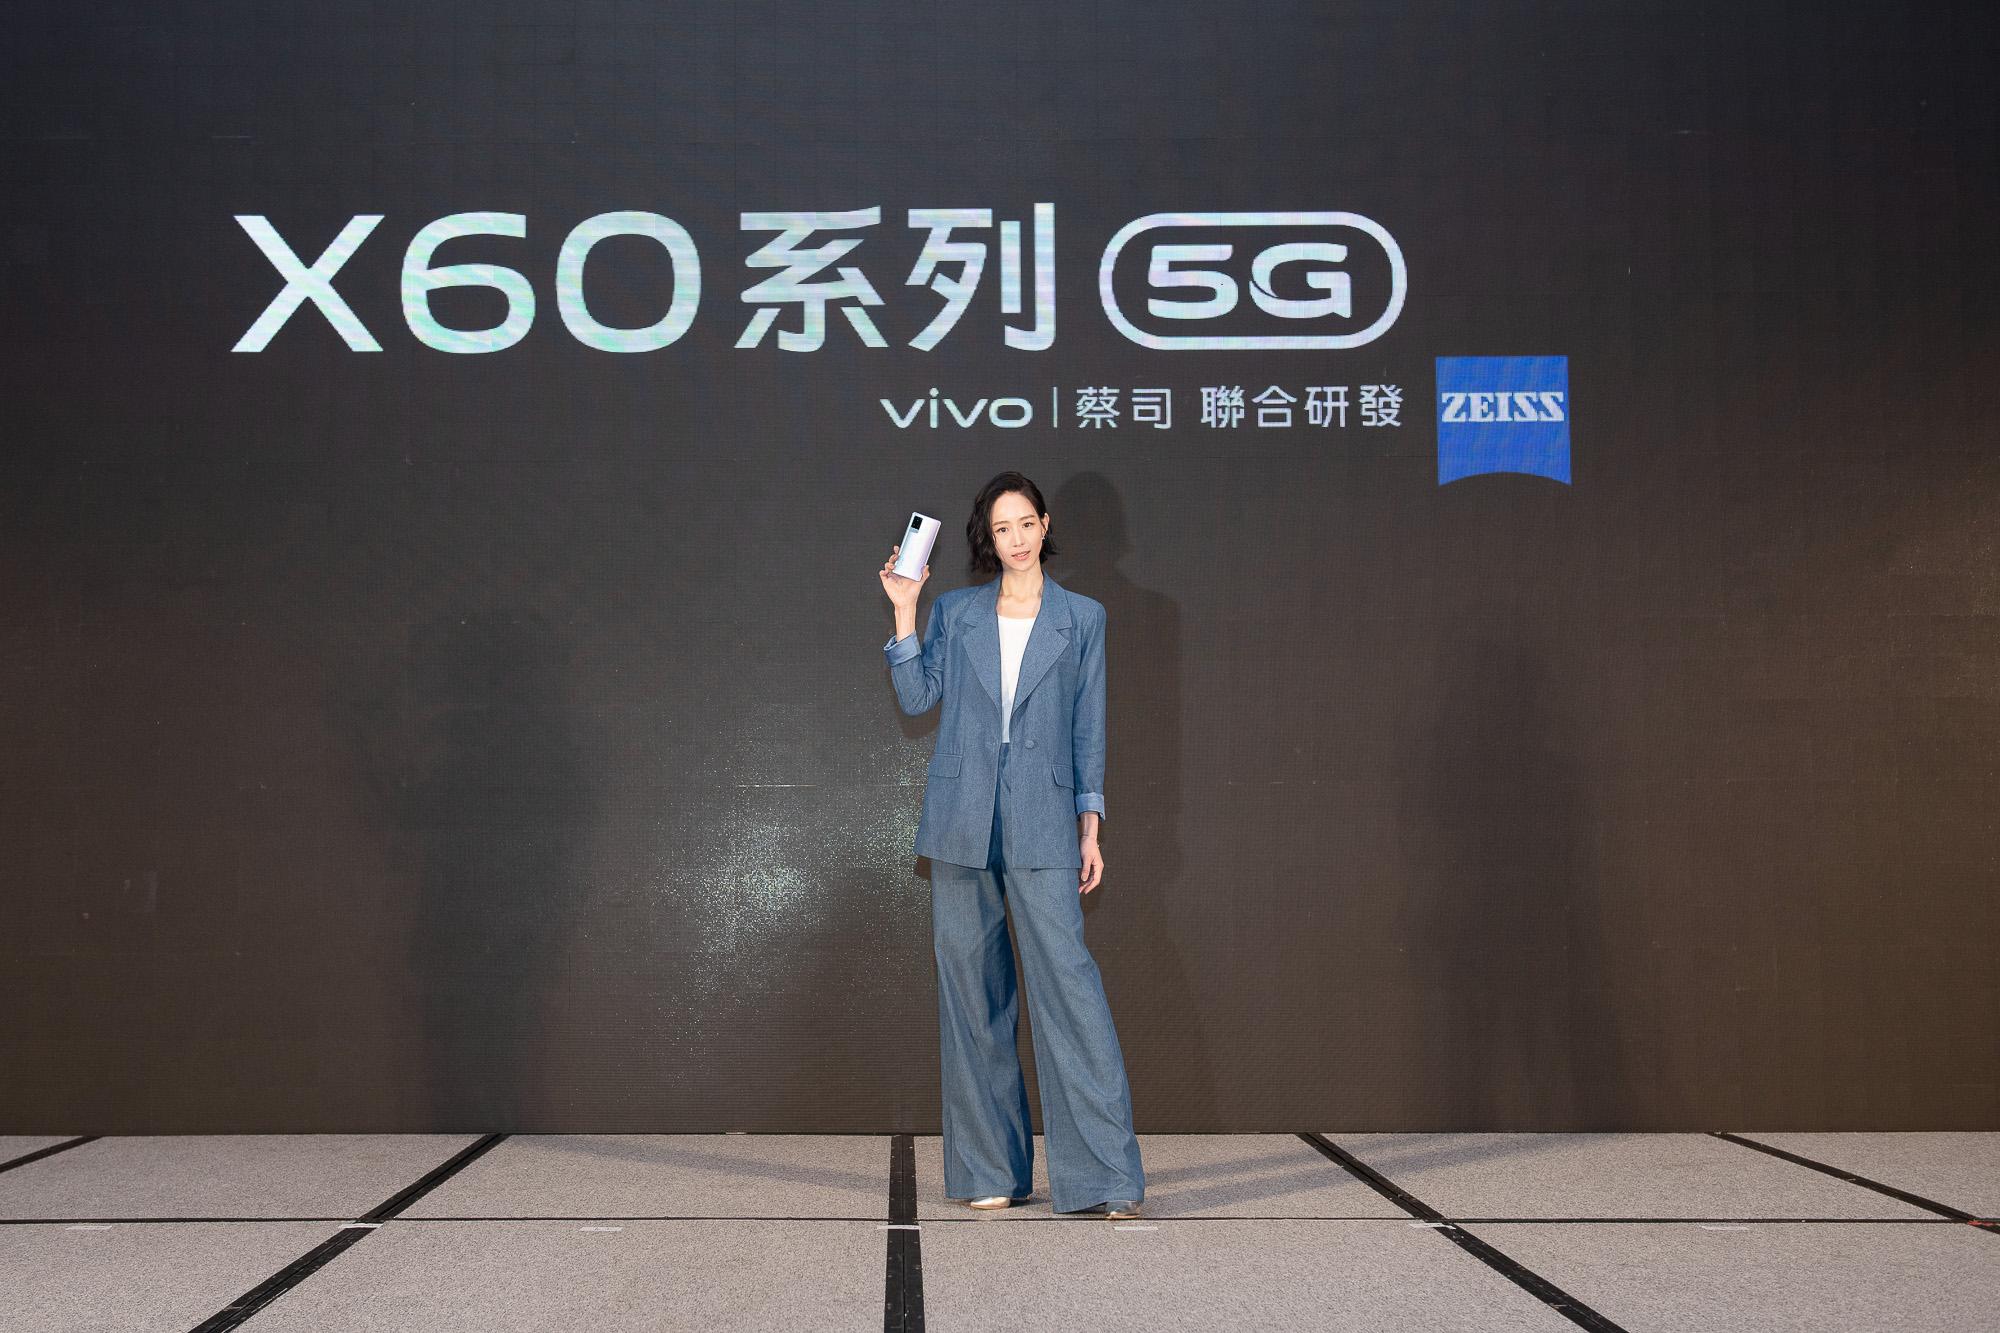 全新影像旗艦 vivo X60 系列震撼登台 vivo 與蔡司攜手合作重新定義「專業影像」獨家「微雲台 2.0」打造業界最穩防手震 @3C 達人廖阿輝